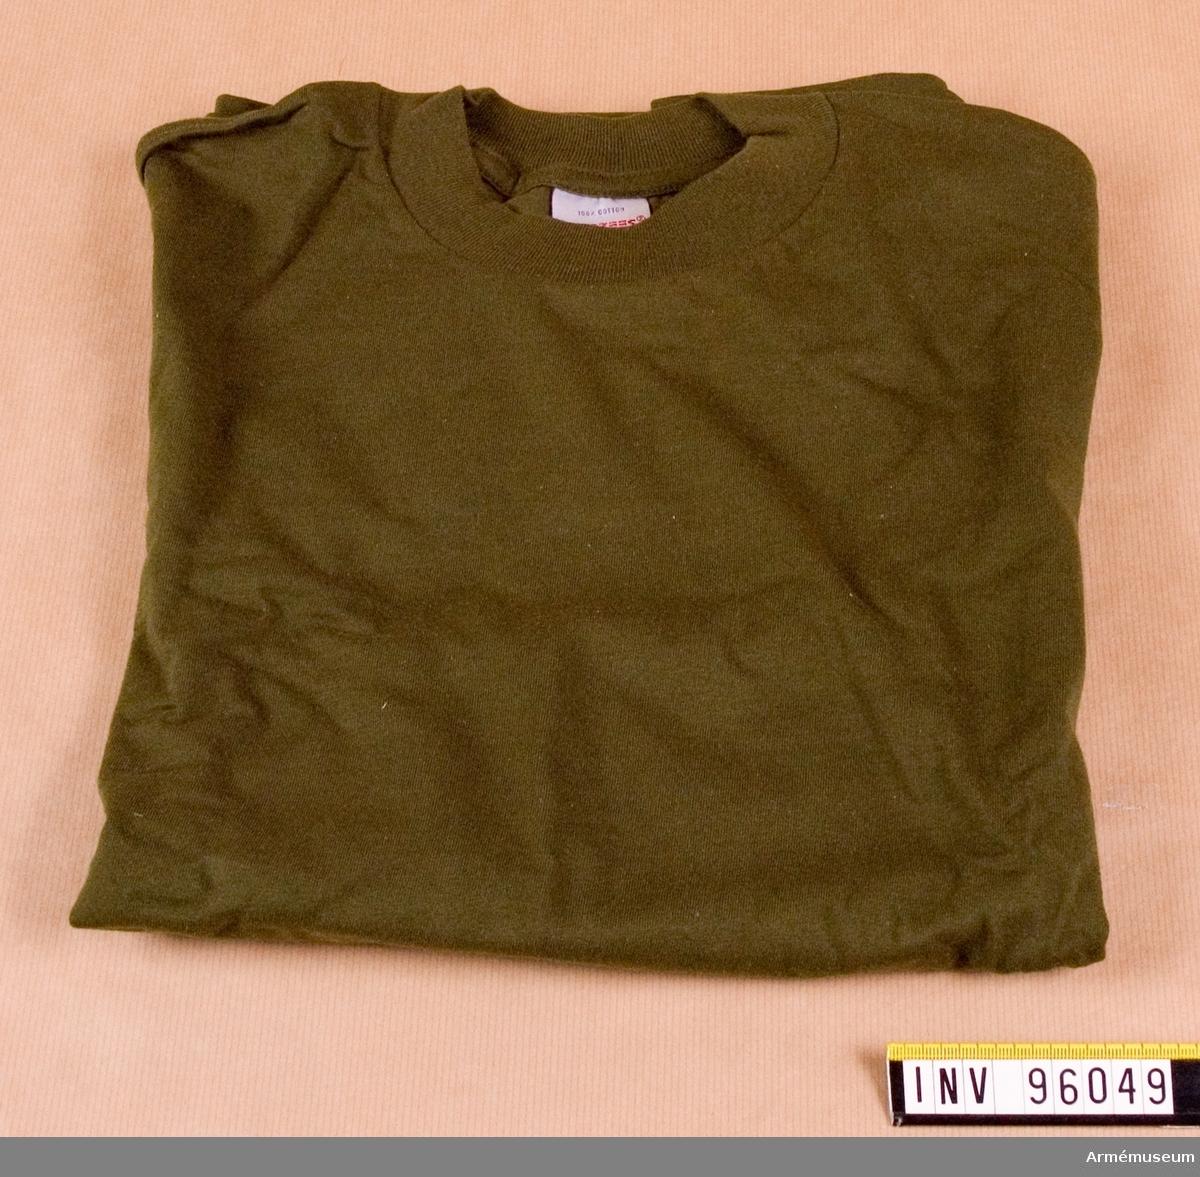 """Kortärmad, grön, t-shirt, stickad av 100% ringspunnen bomull. Tröjan är tillverkad i singeljersey med halsmudd i 1:1 ribb. Tröjan låg förpackad tillsammans med ytterligare 5 i en polyetenpåse med etikett: """"Arbetsmodell, T-shirt grön, M7321-161000-4, Eva Berglund, FMV:IntT 1995-04-11""""."""